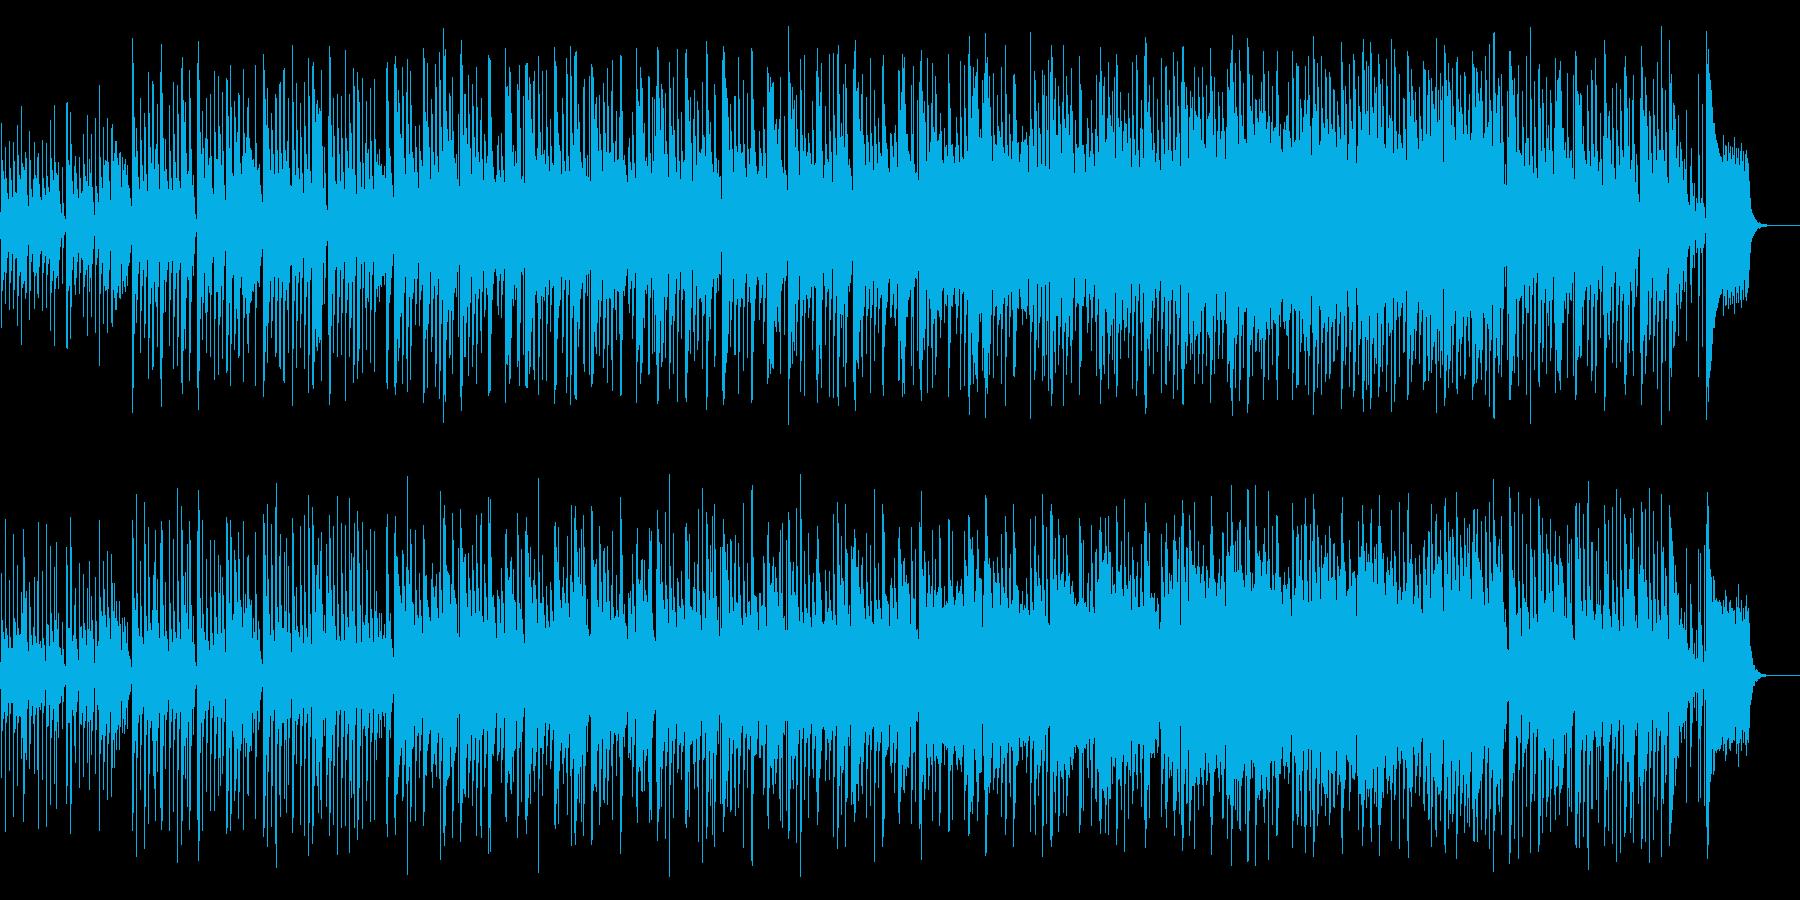 メルヘンで明るいわくわくするbgmの再生済みの波形